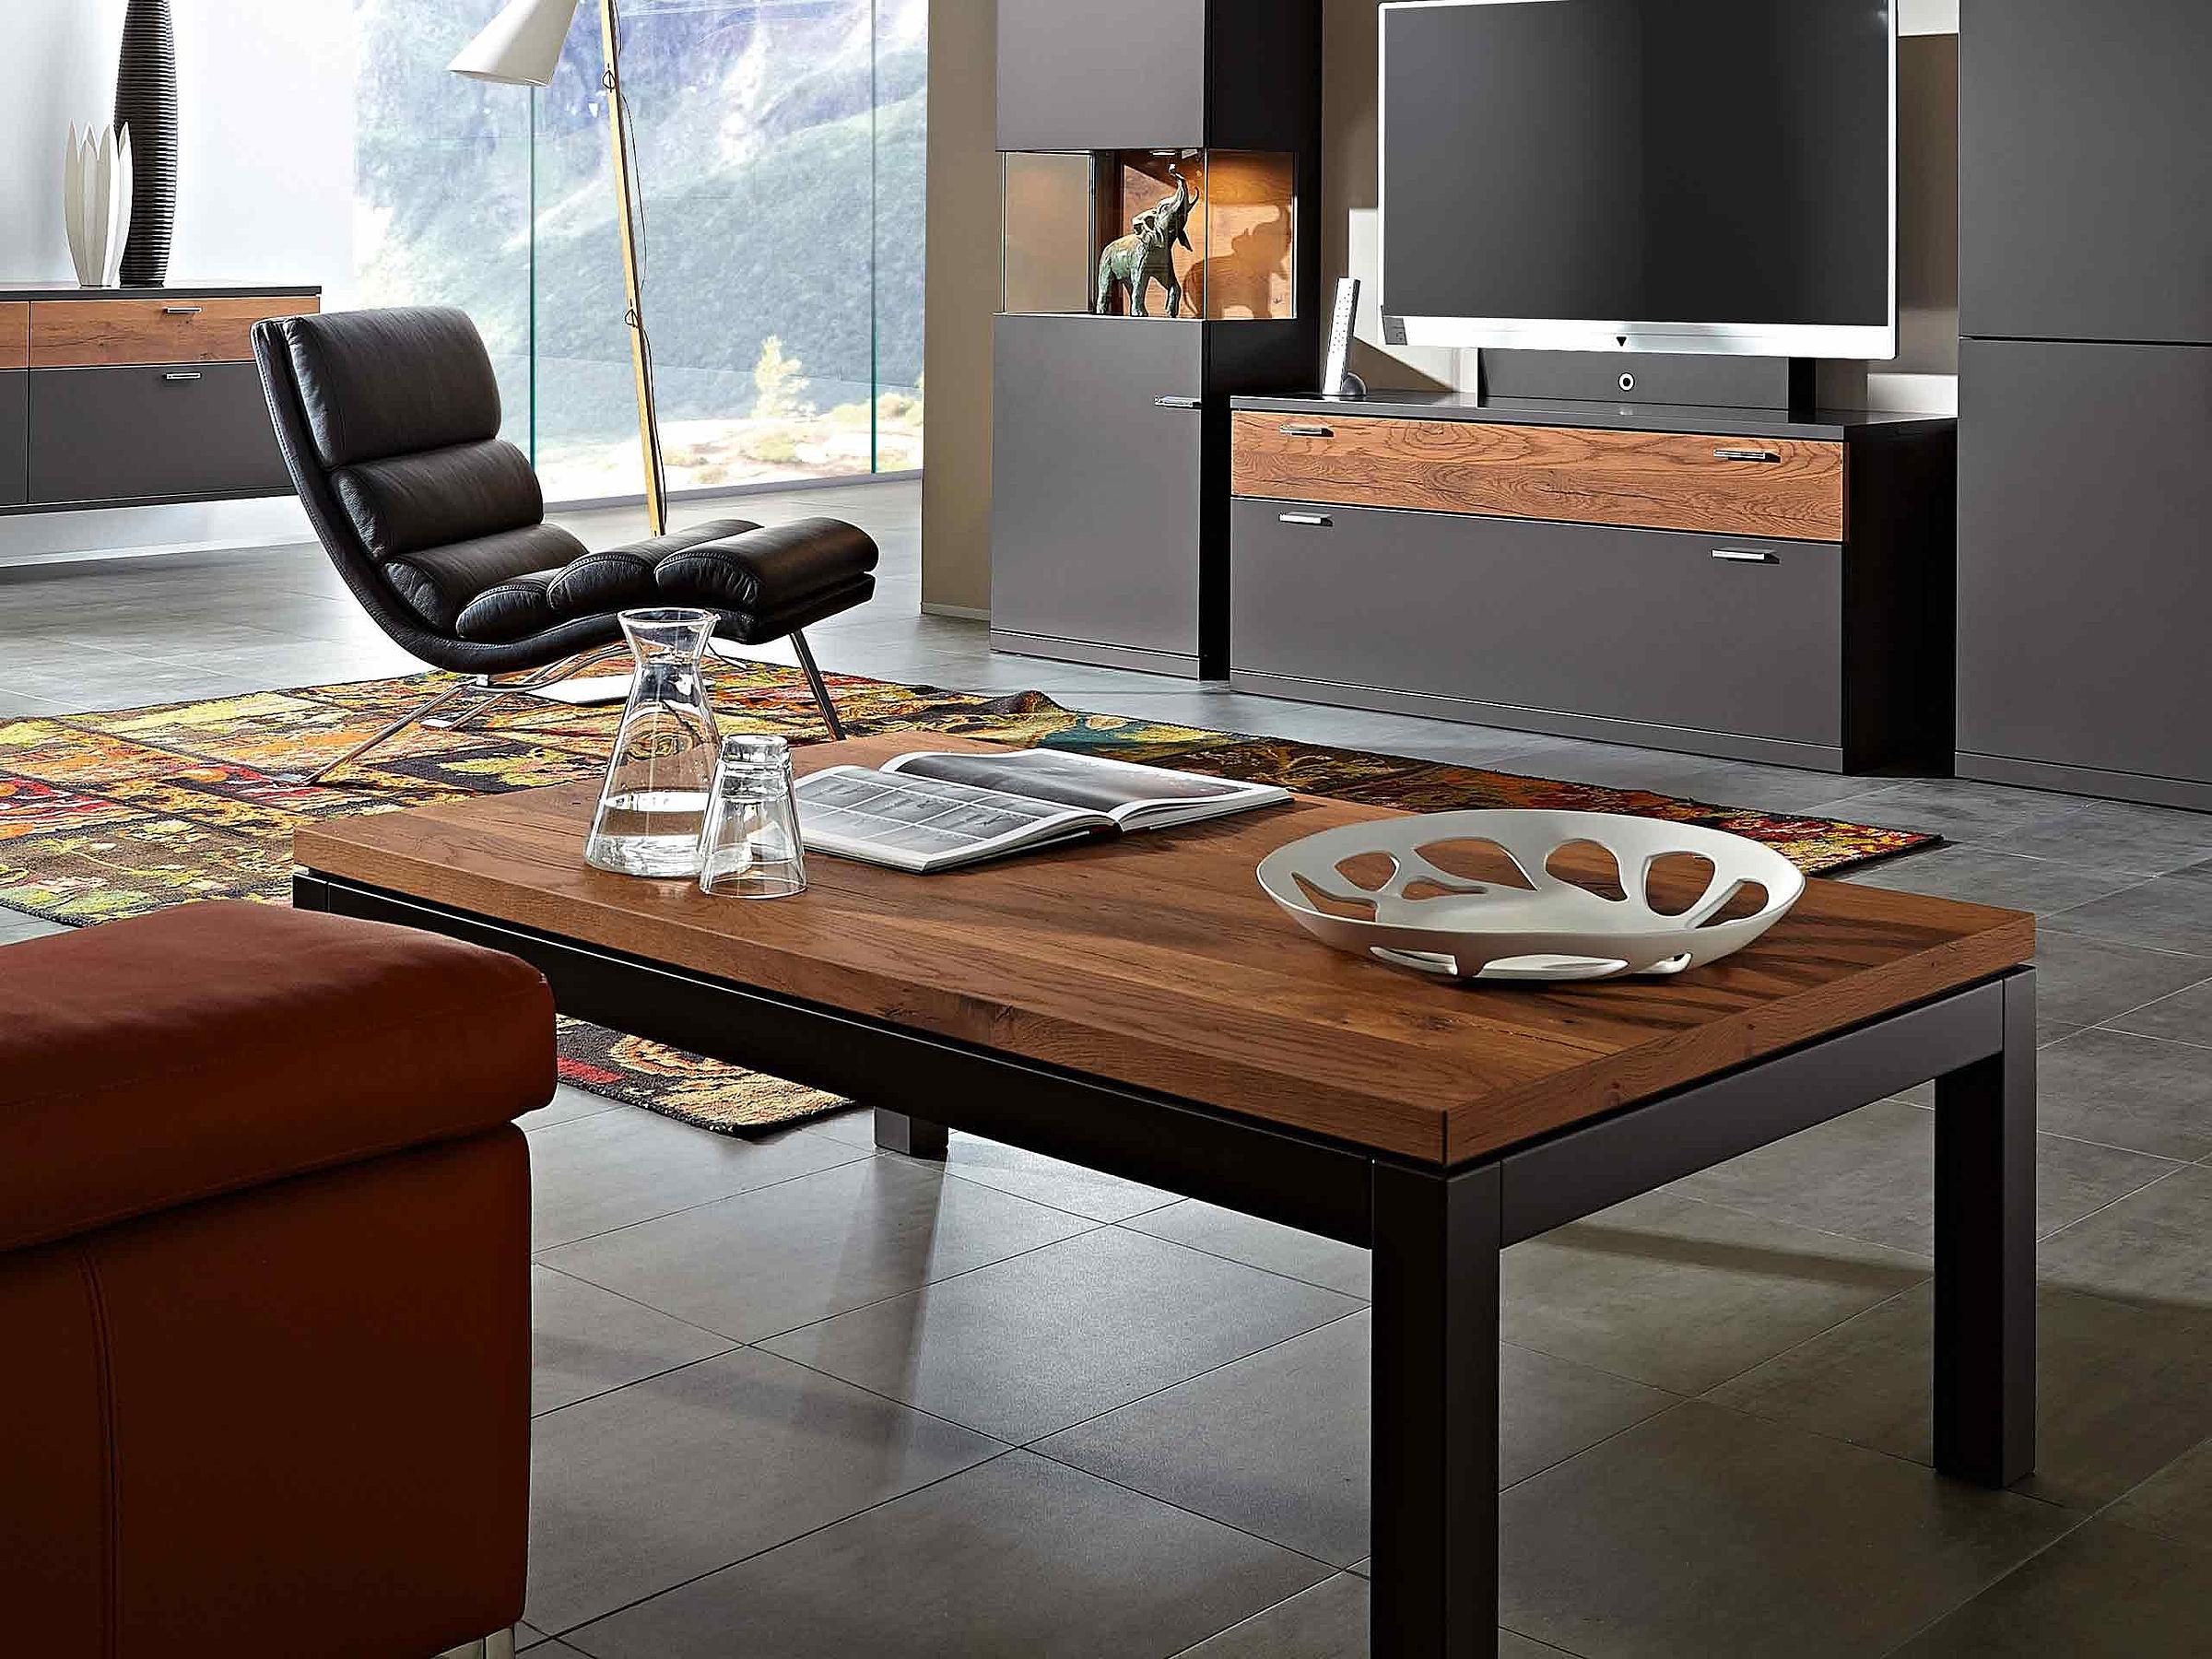 Couchtisch Wohnzimmer Siena Lavita Enjoy Lack graphit